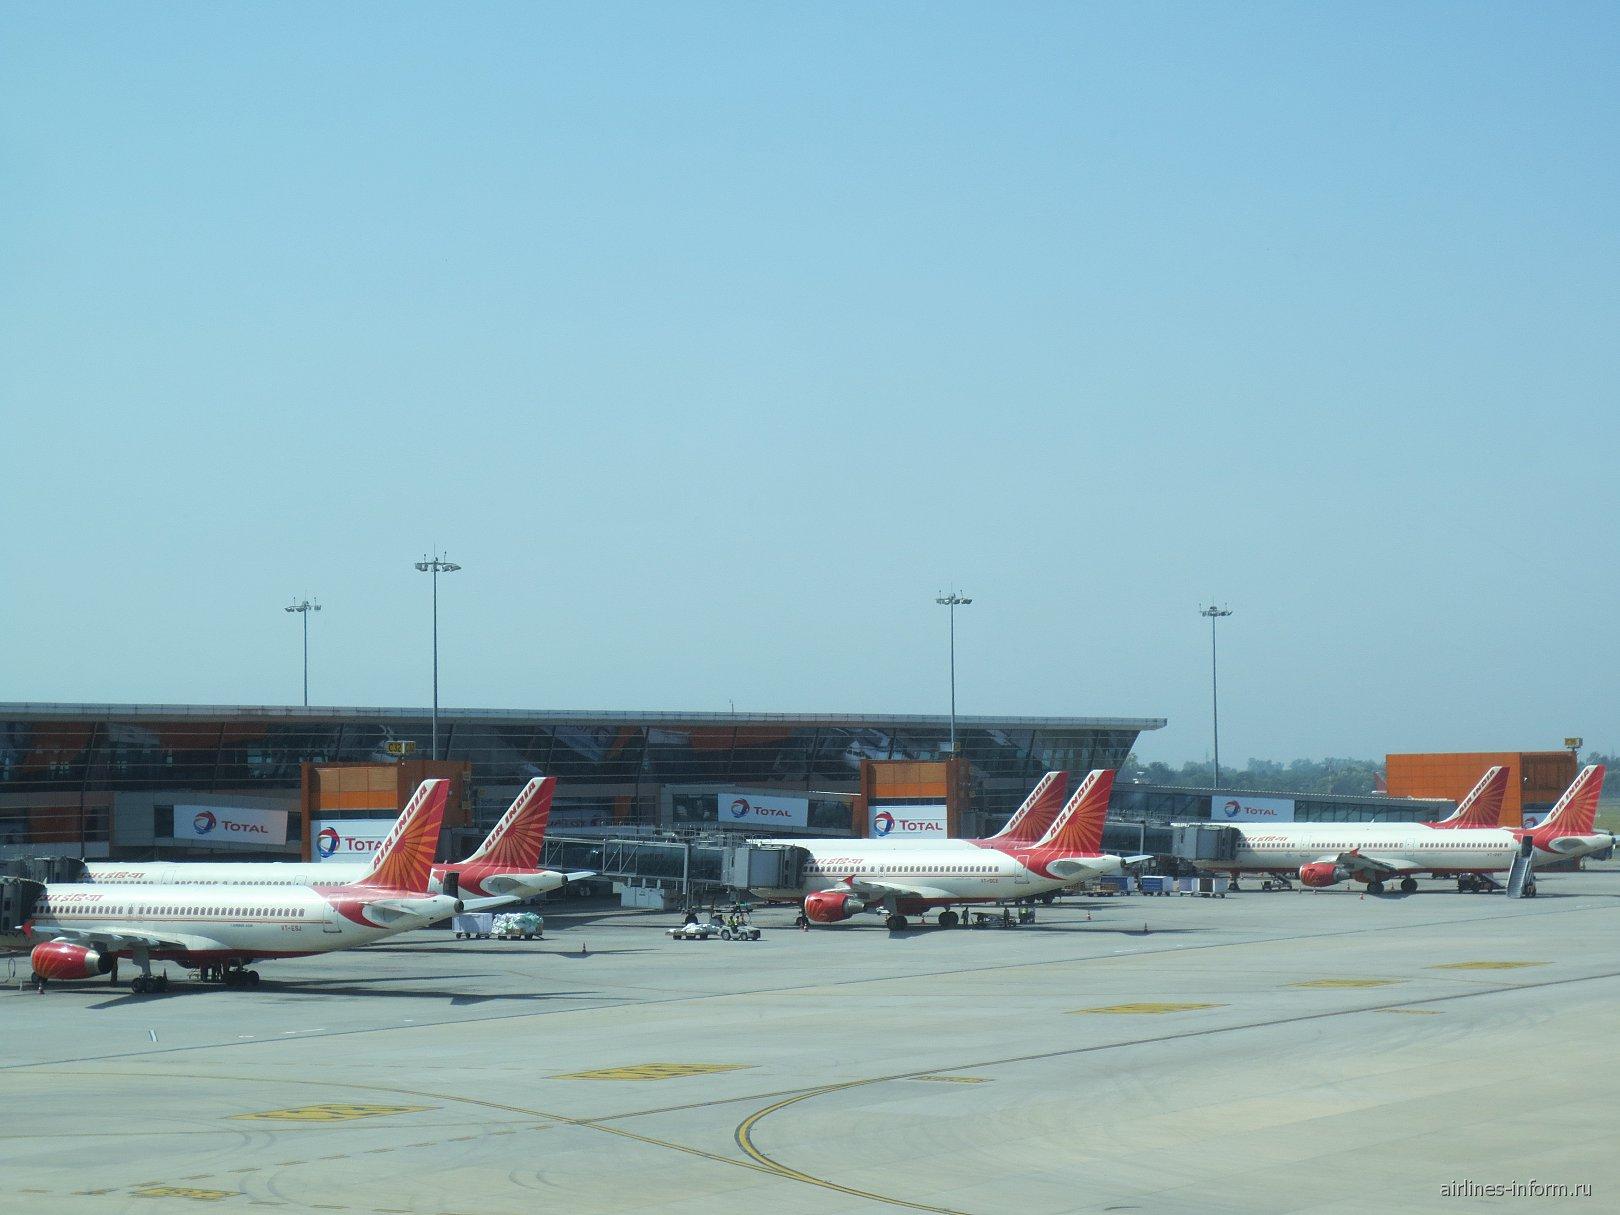 Самолеты авиакомпании Air India в аэропорту Дели